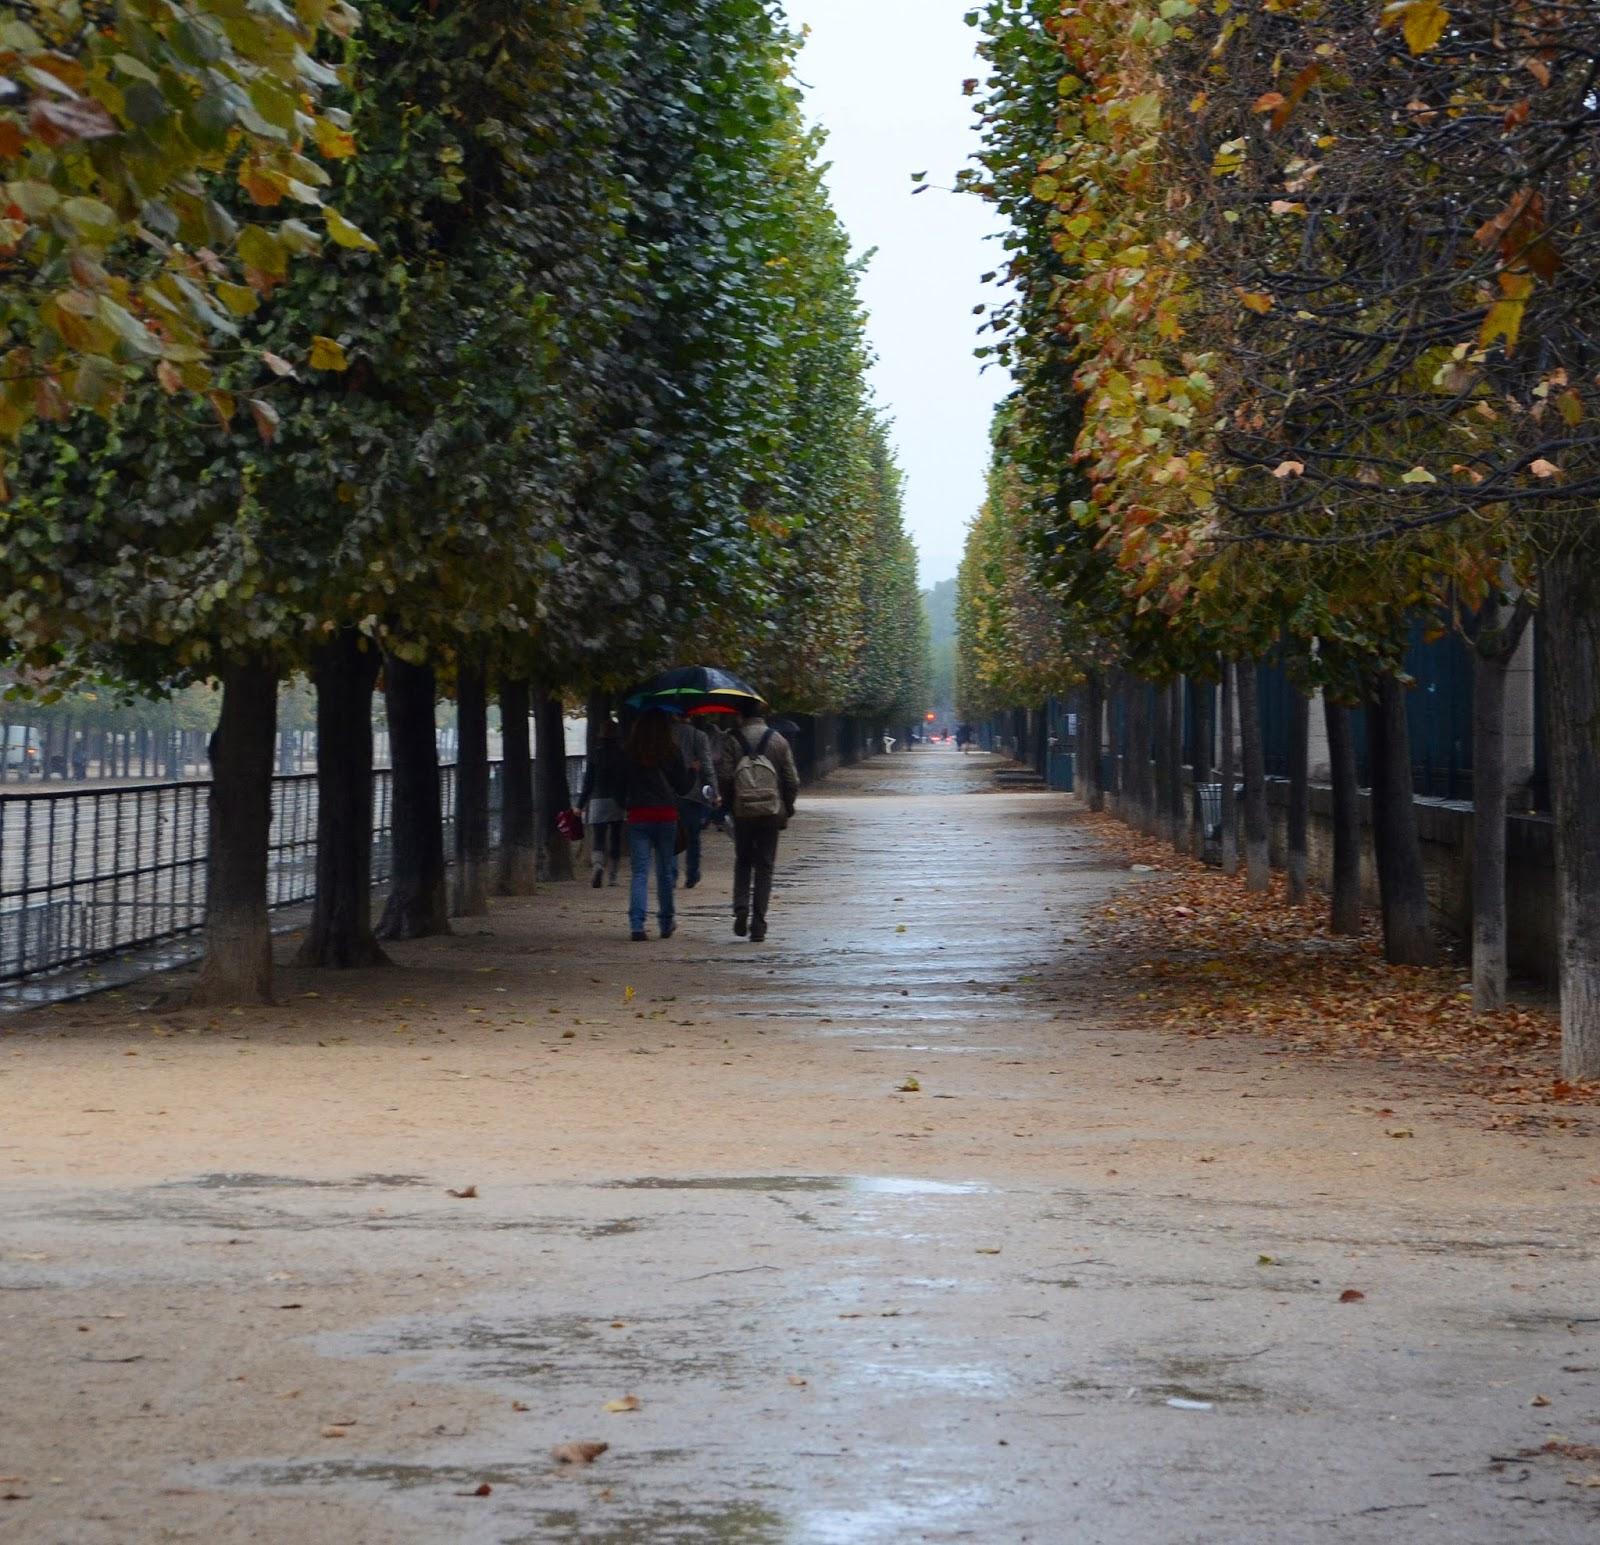 Paris and beyond jardin des tuileries des parapluies - Parapluie de jardin ...